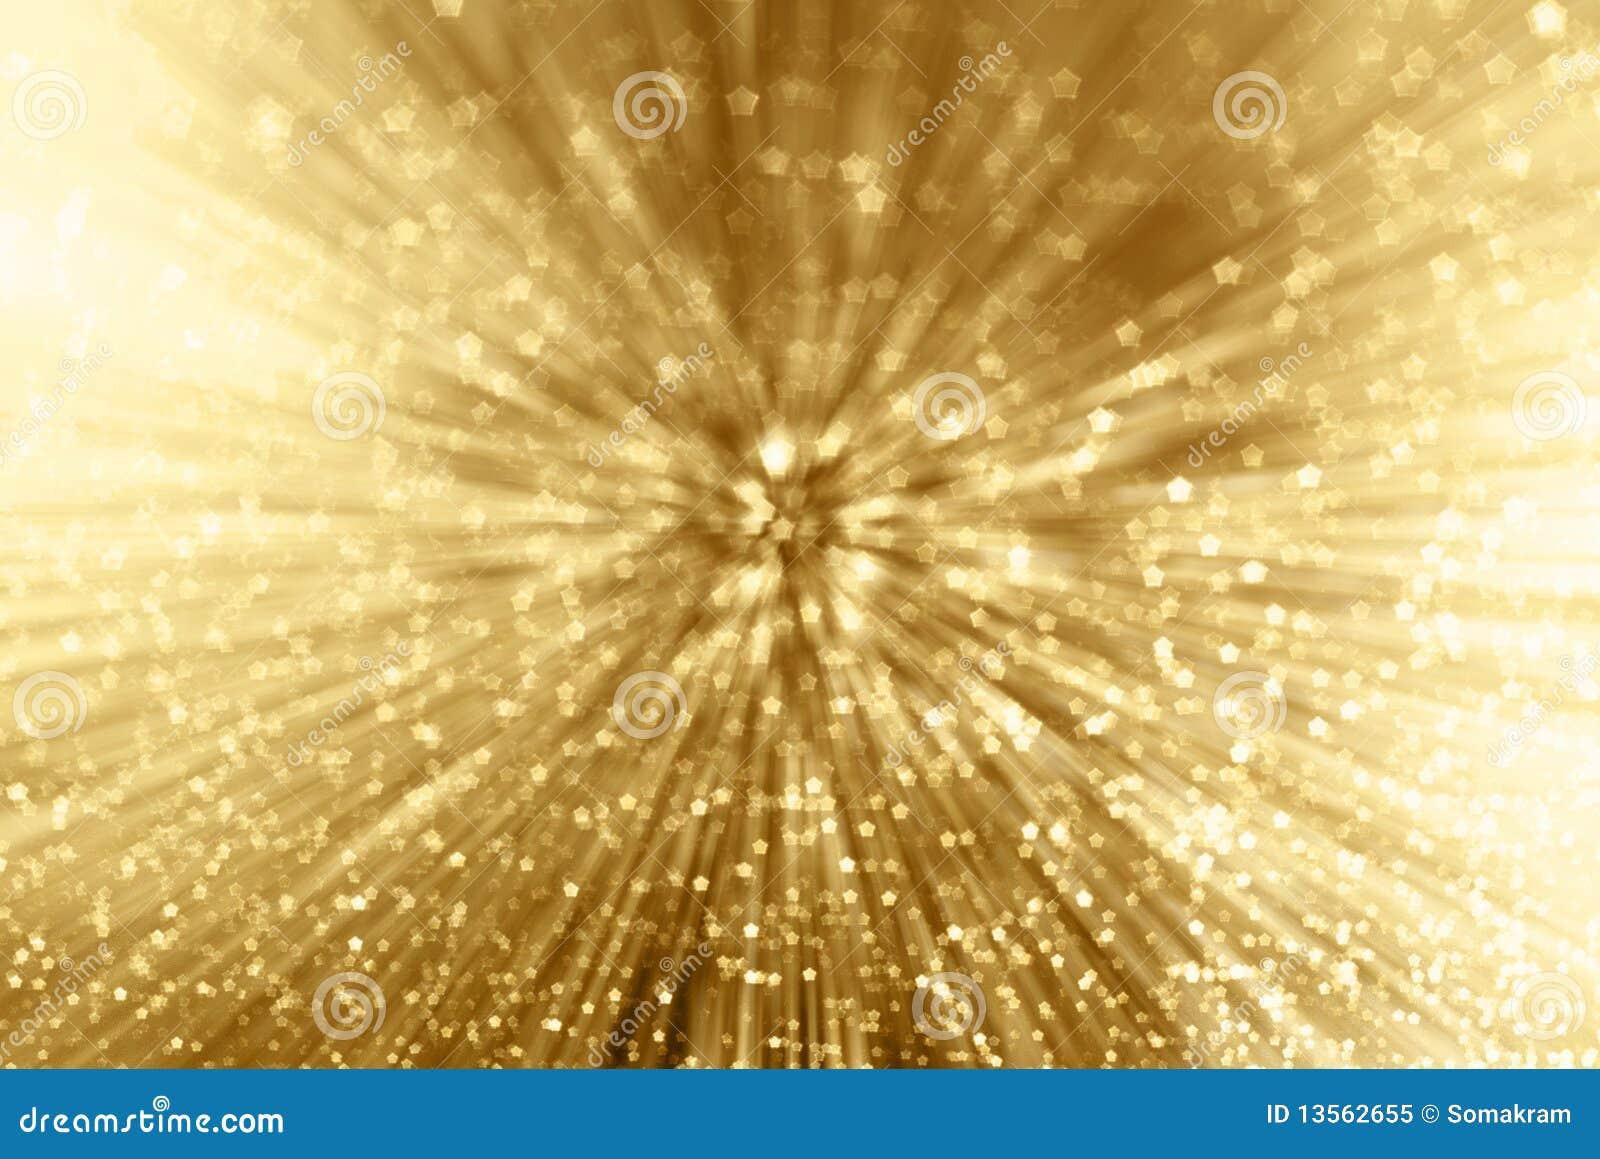 Guldsparklezoom